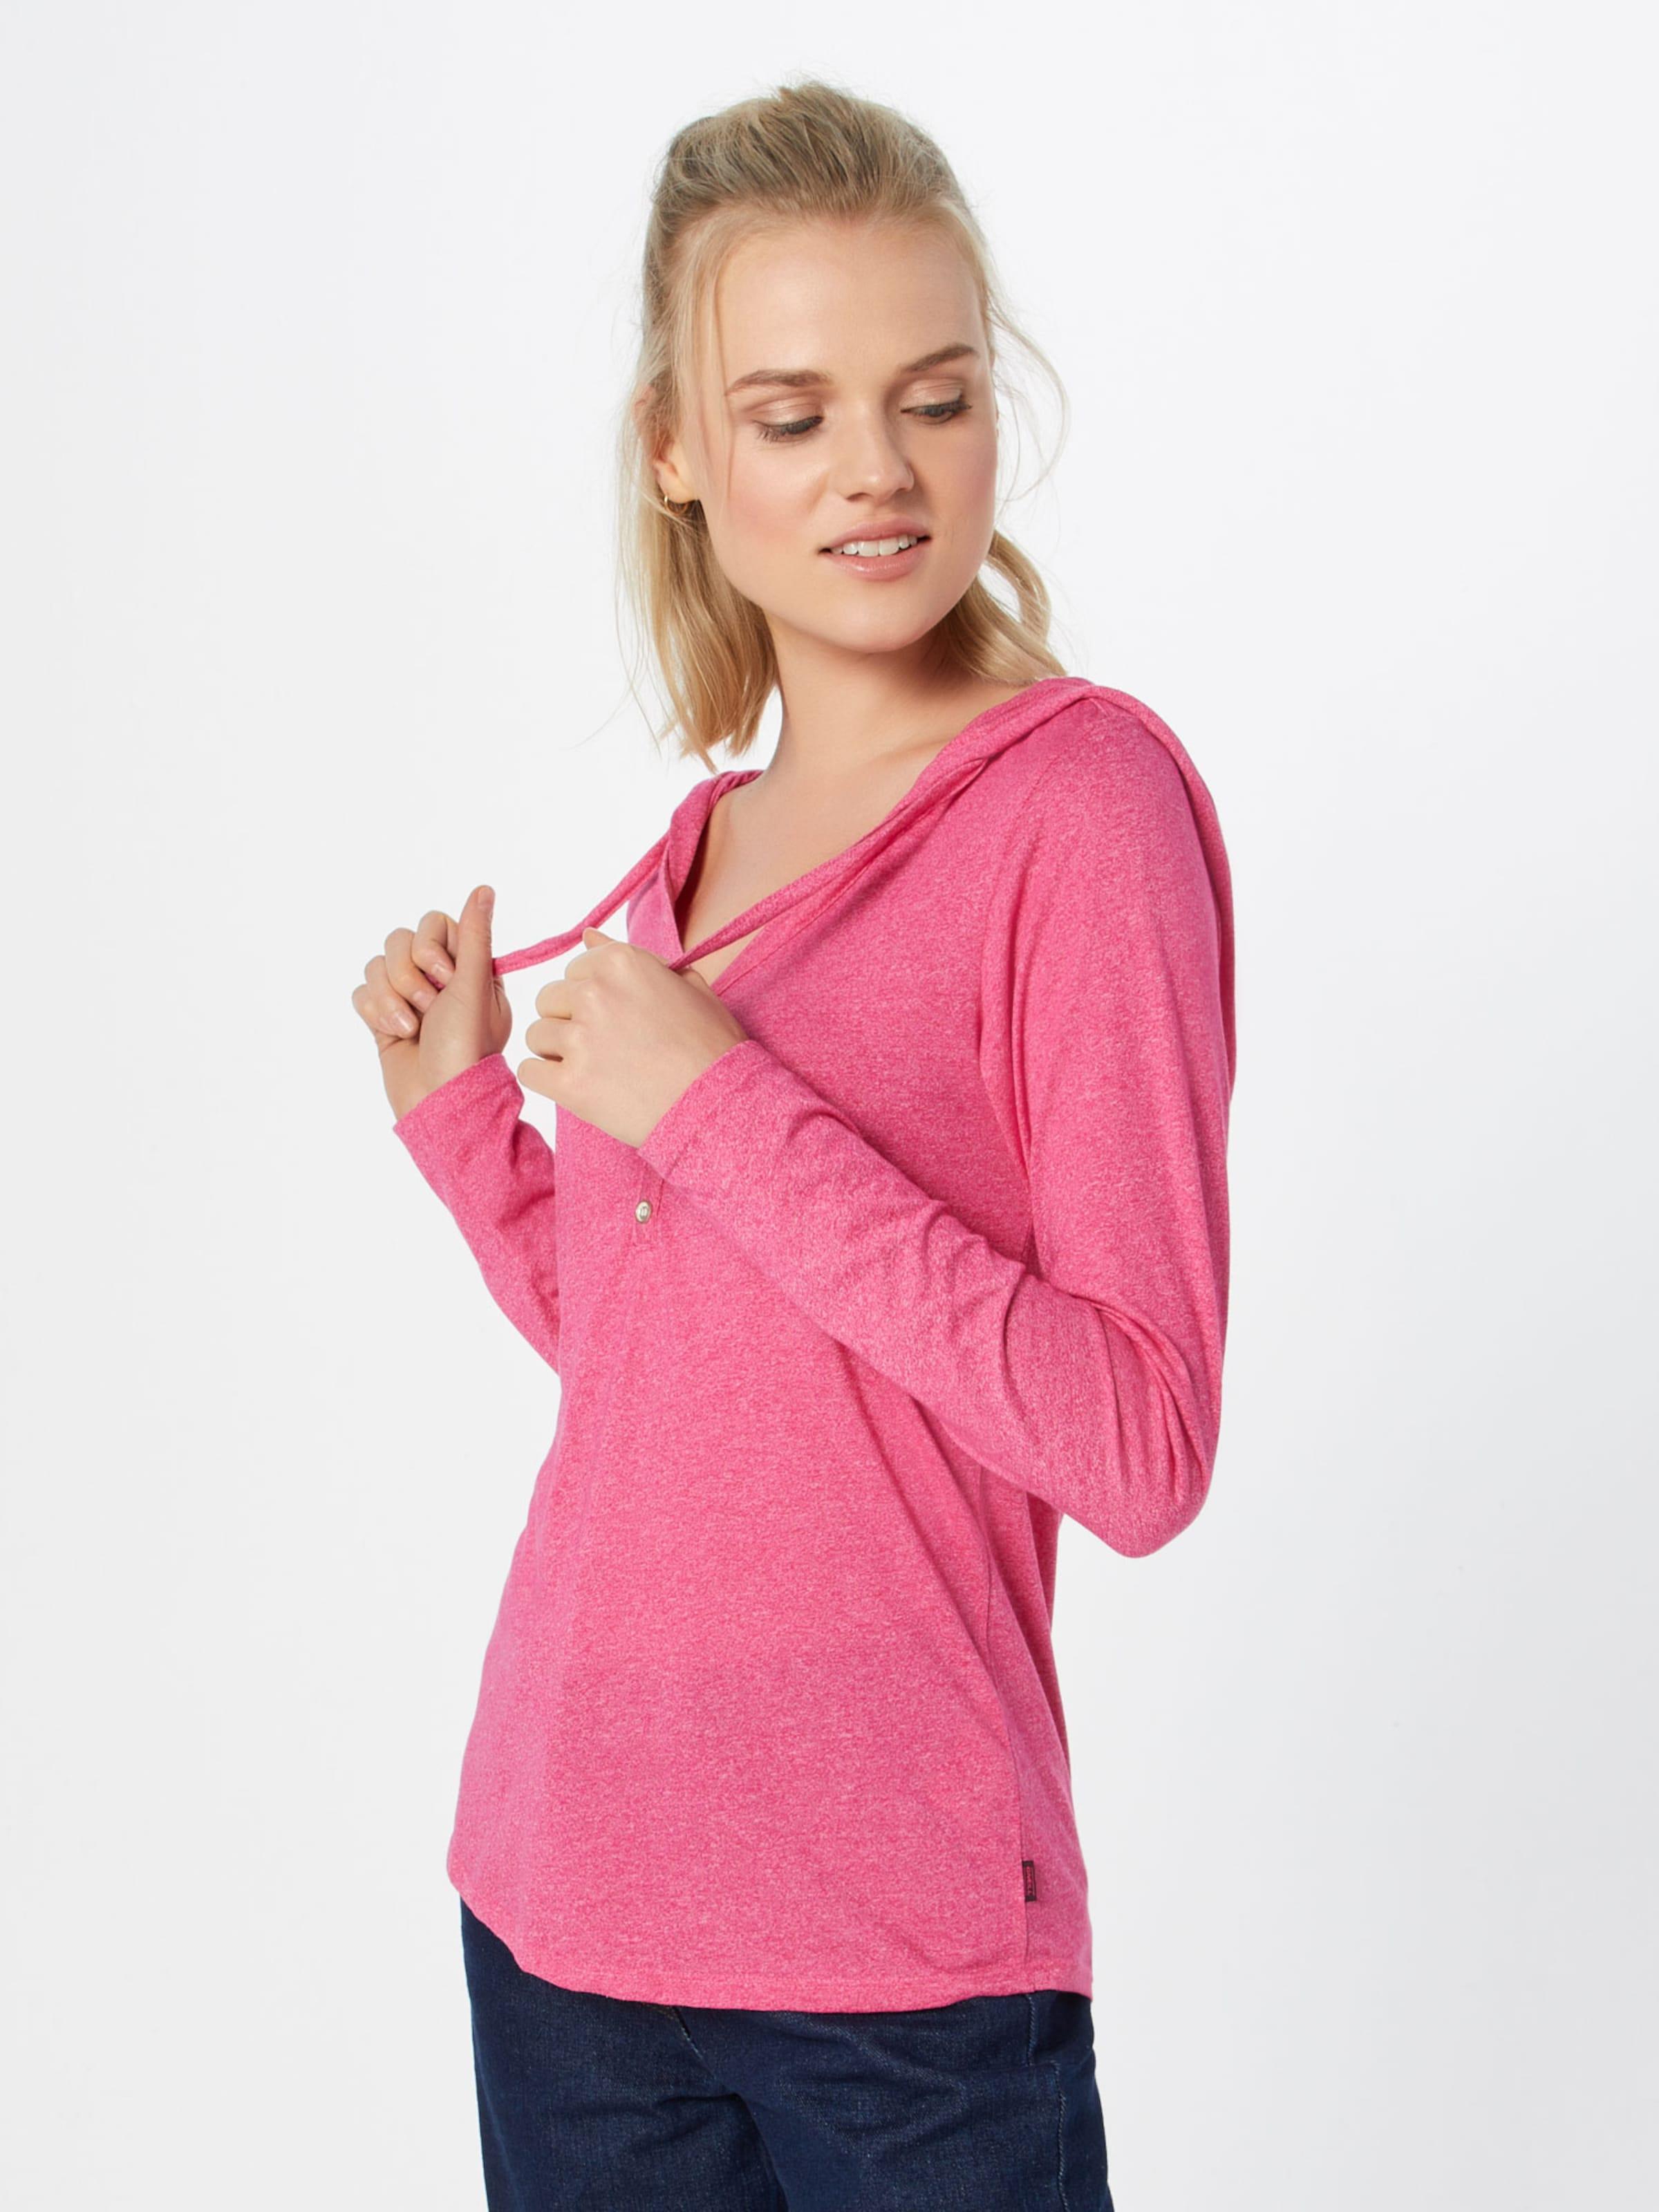 Marly O'neill 'lw Pink Loongsleve In Longsleeve Top' Rcq3j5AL4